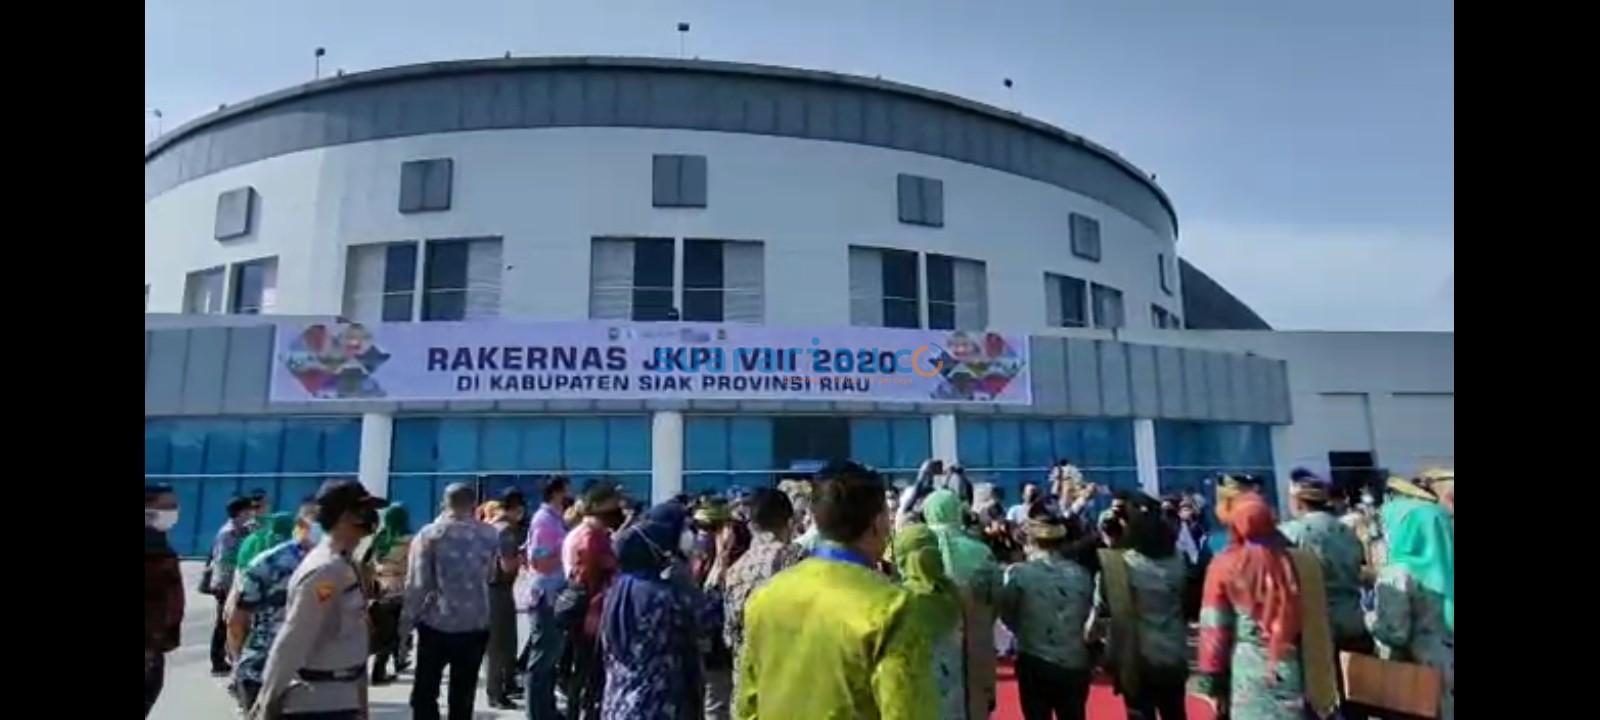 Suasana di pintu masuk gedung Daerah Sultan Syarif Kasim II Siak jelang pembukaan Rakernas JKPI 2020